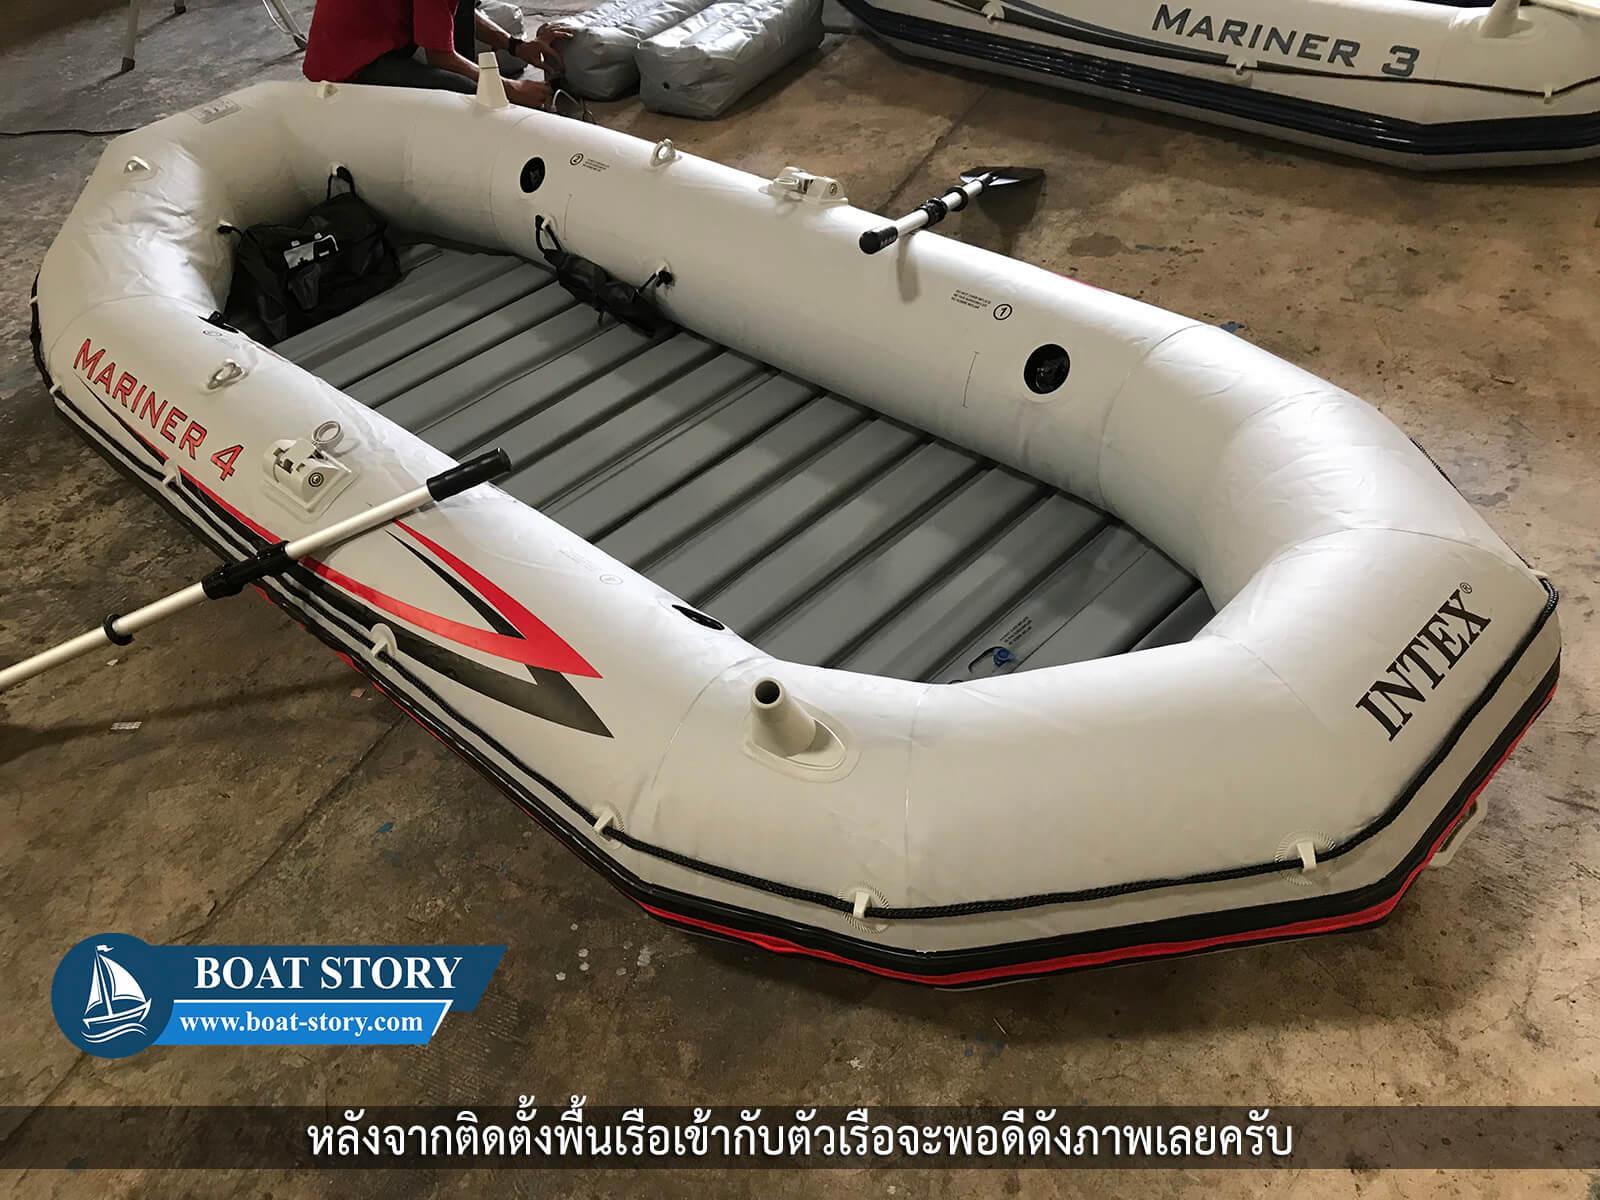 เรือยาง MARINER 4 intex 093